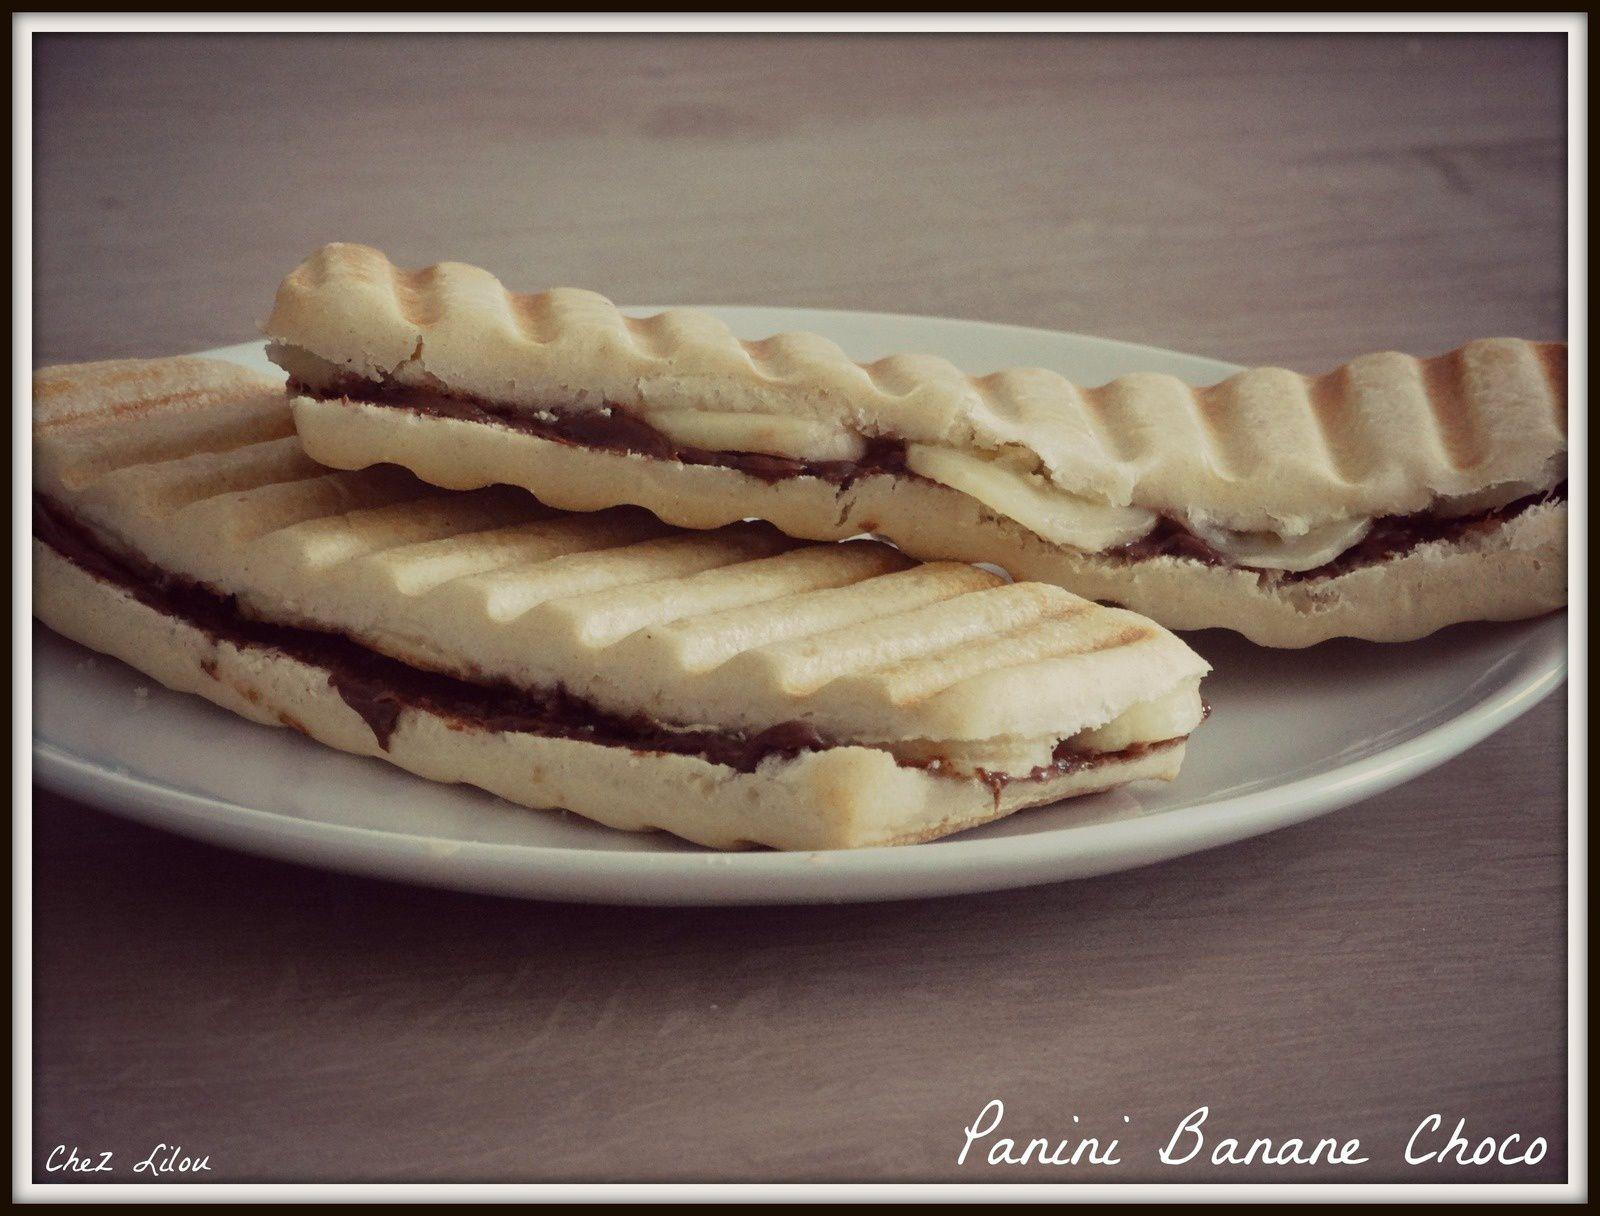 Panini Banane Choco